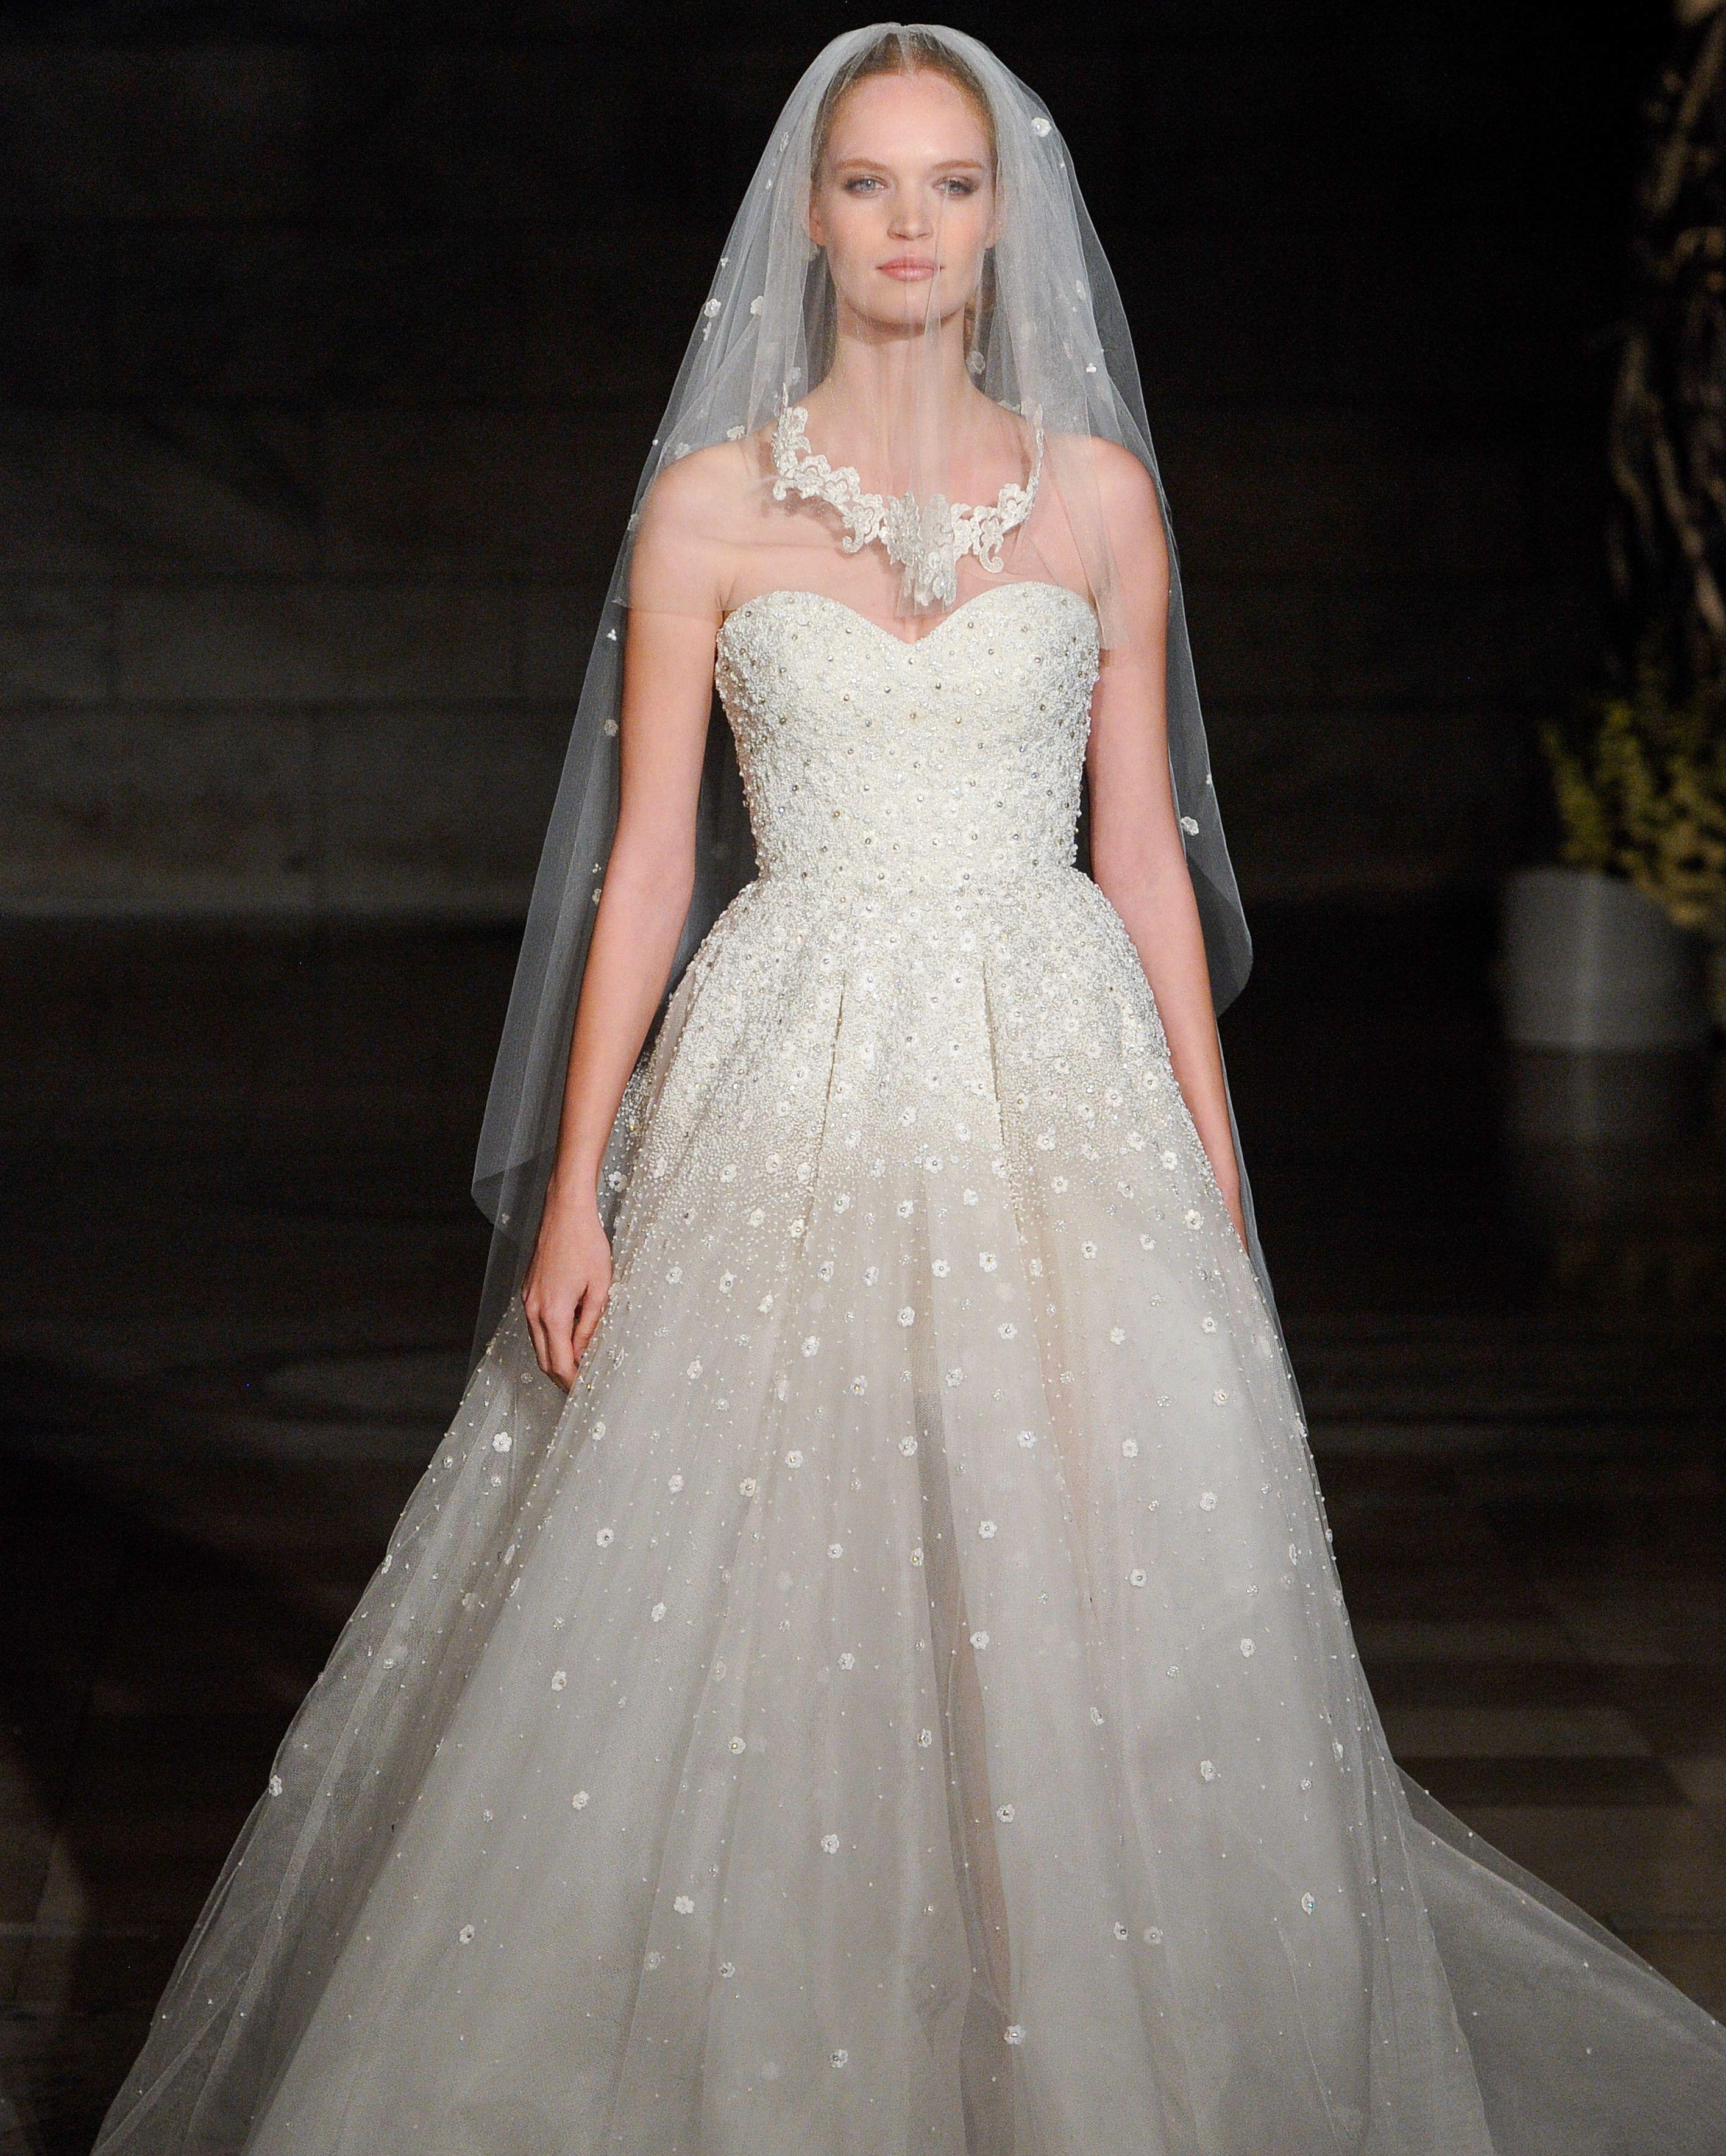 Reem Acra S New Wedding Dresses The Celebration Collection Reem Acra Wedding Dress New Wedding Dresses Amazing Wedding Dress